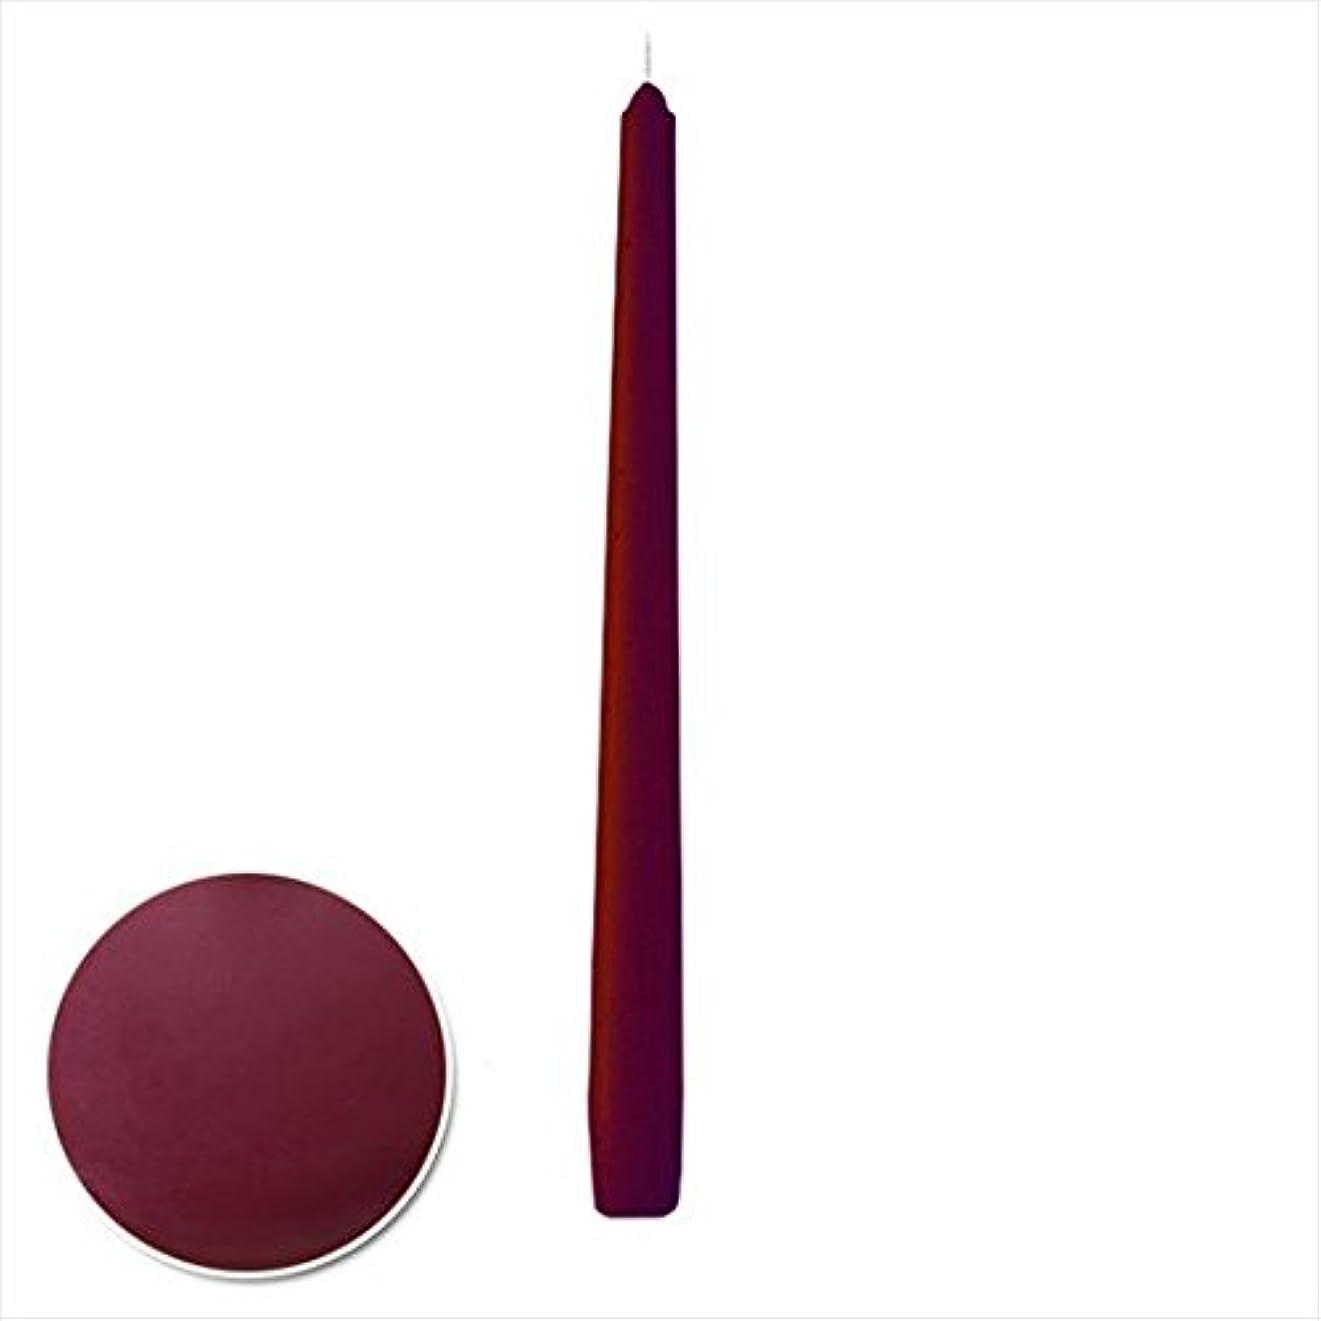 値下げビデオ文句を言うカメヤマキャンドル( kameyama candle ) 12インチテーパー 「 ボルドー 」 12本入り